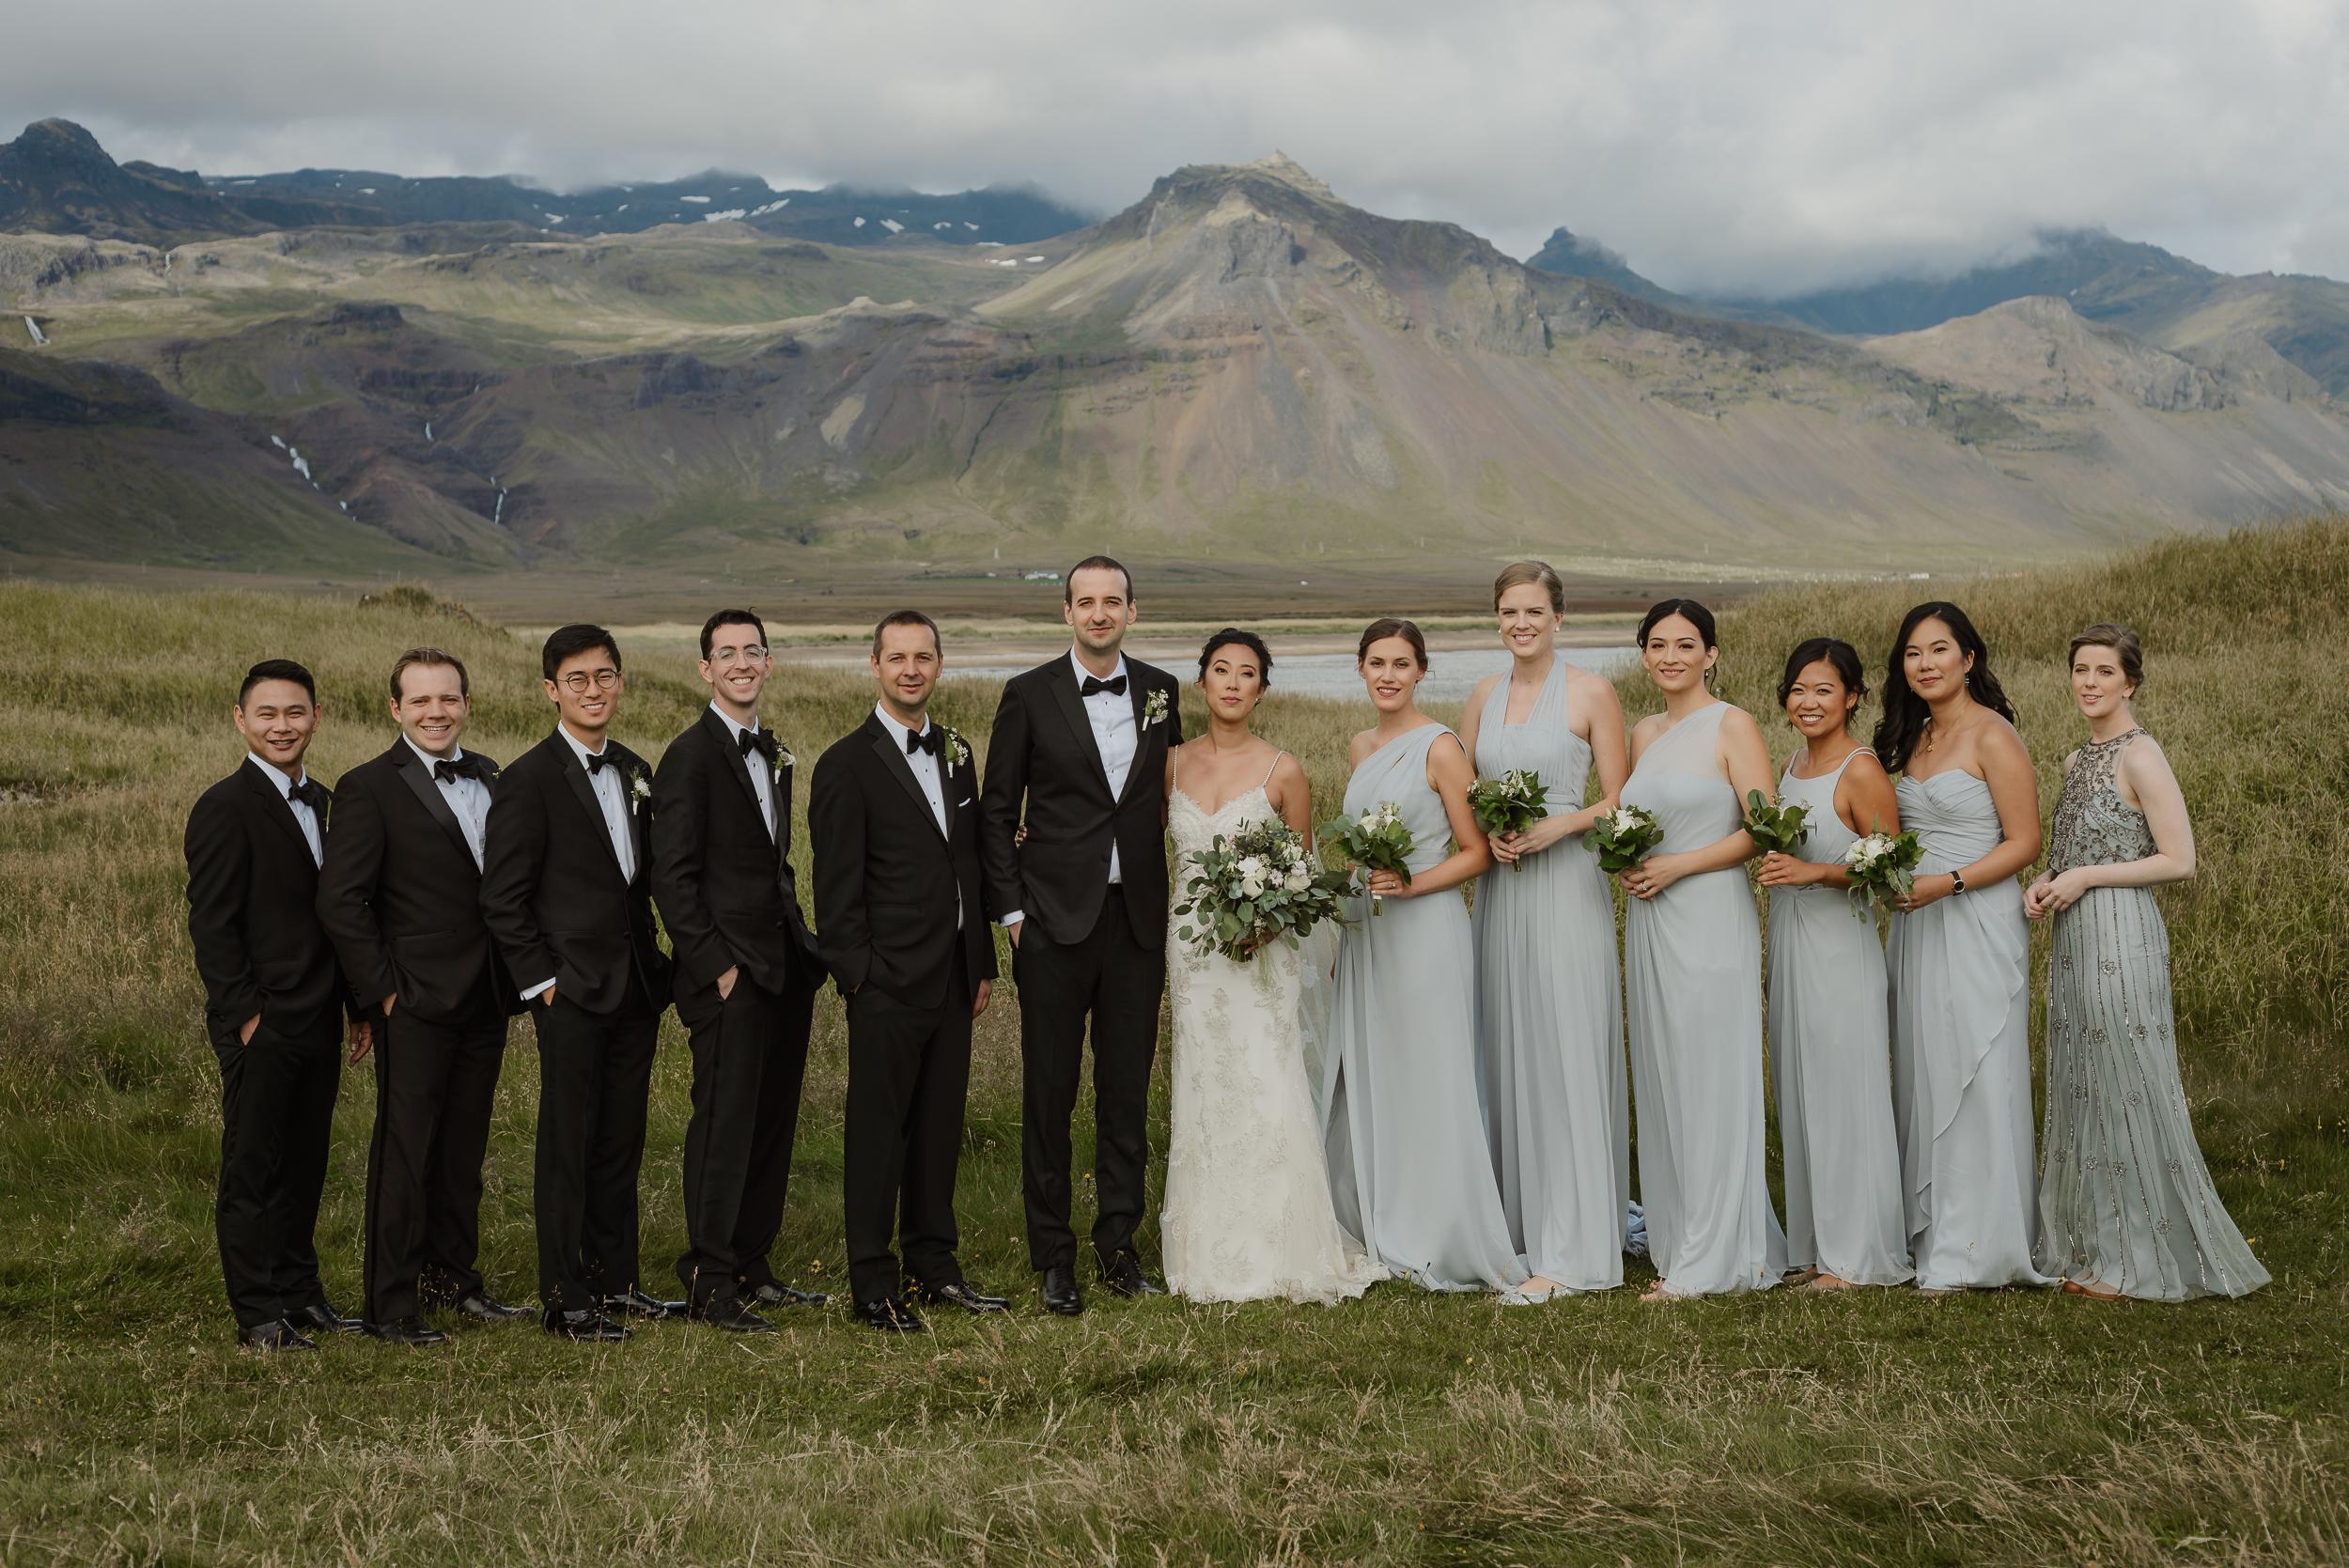 050-hotel-budir-iceland-destination-wedding-vivianchen-419.jpg